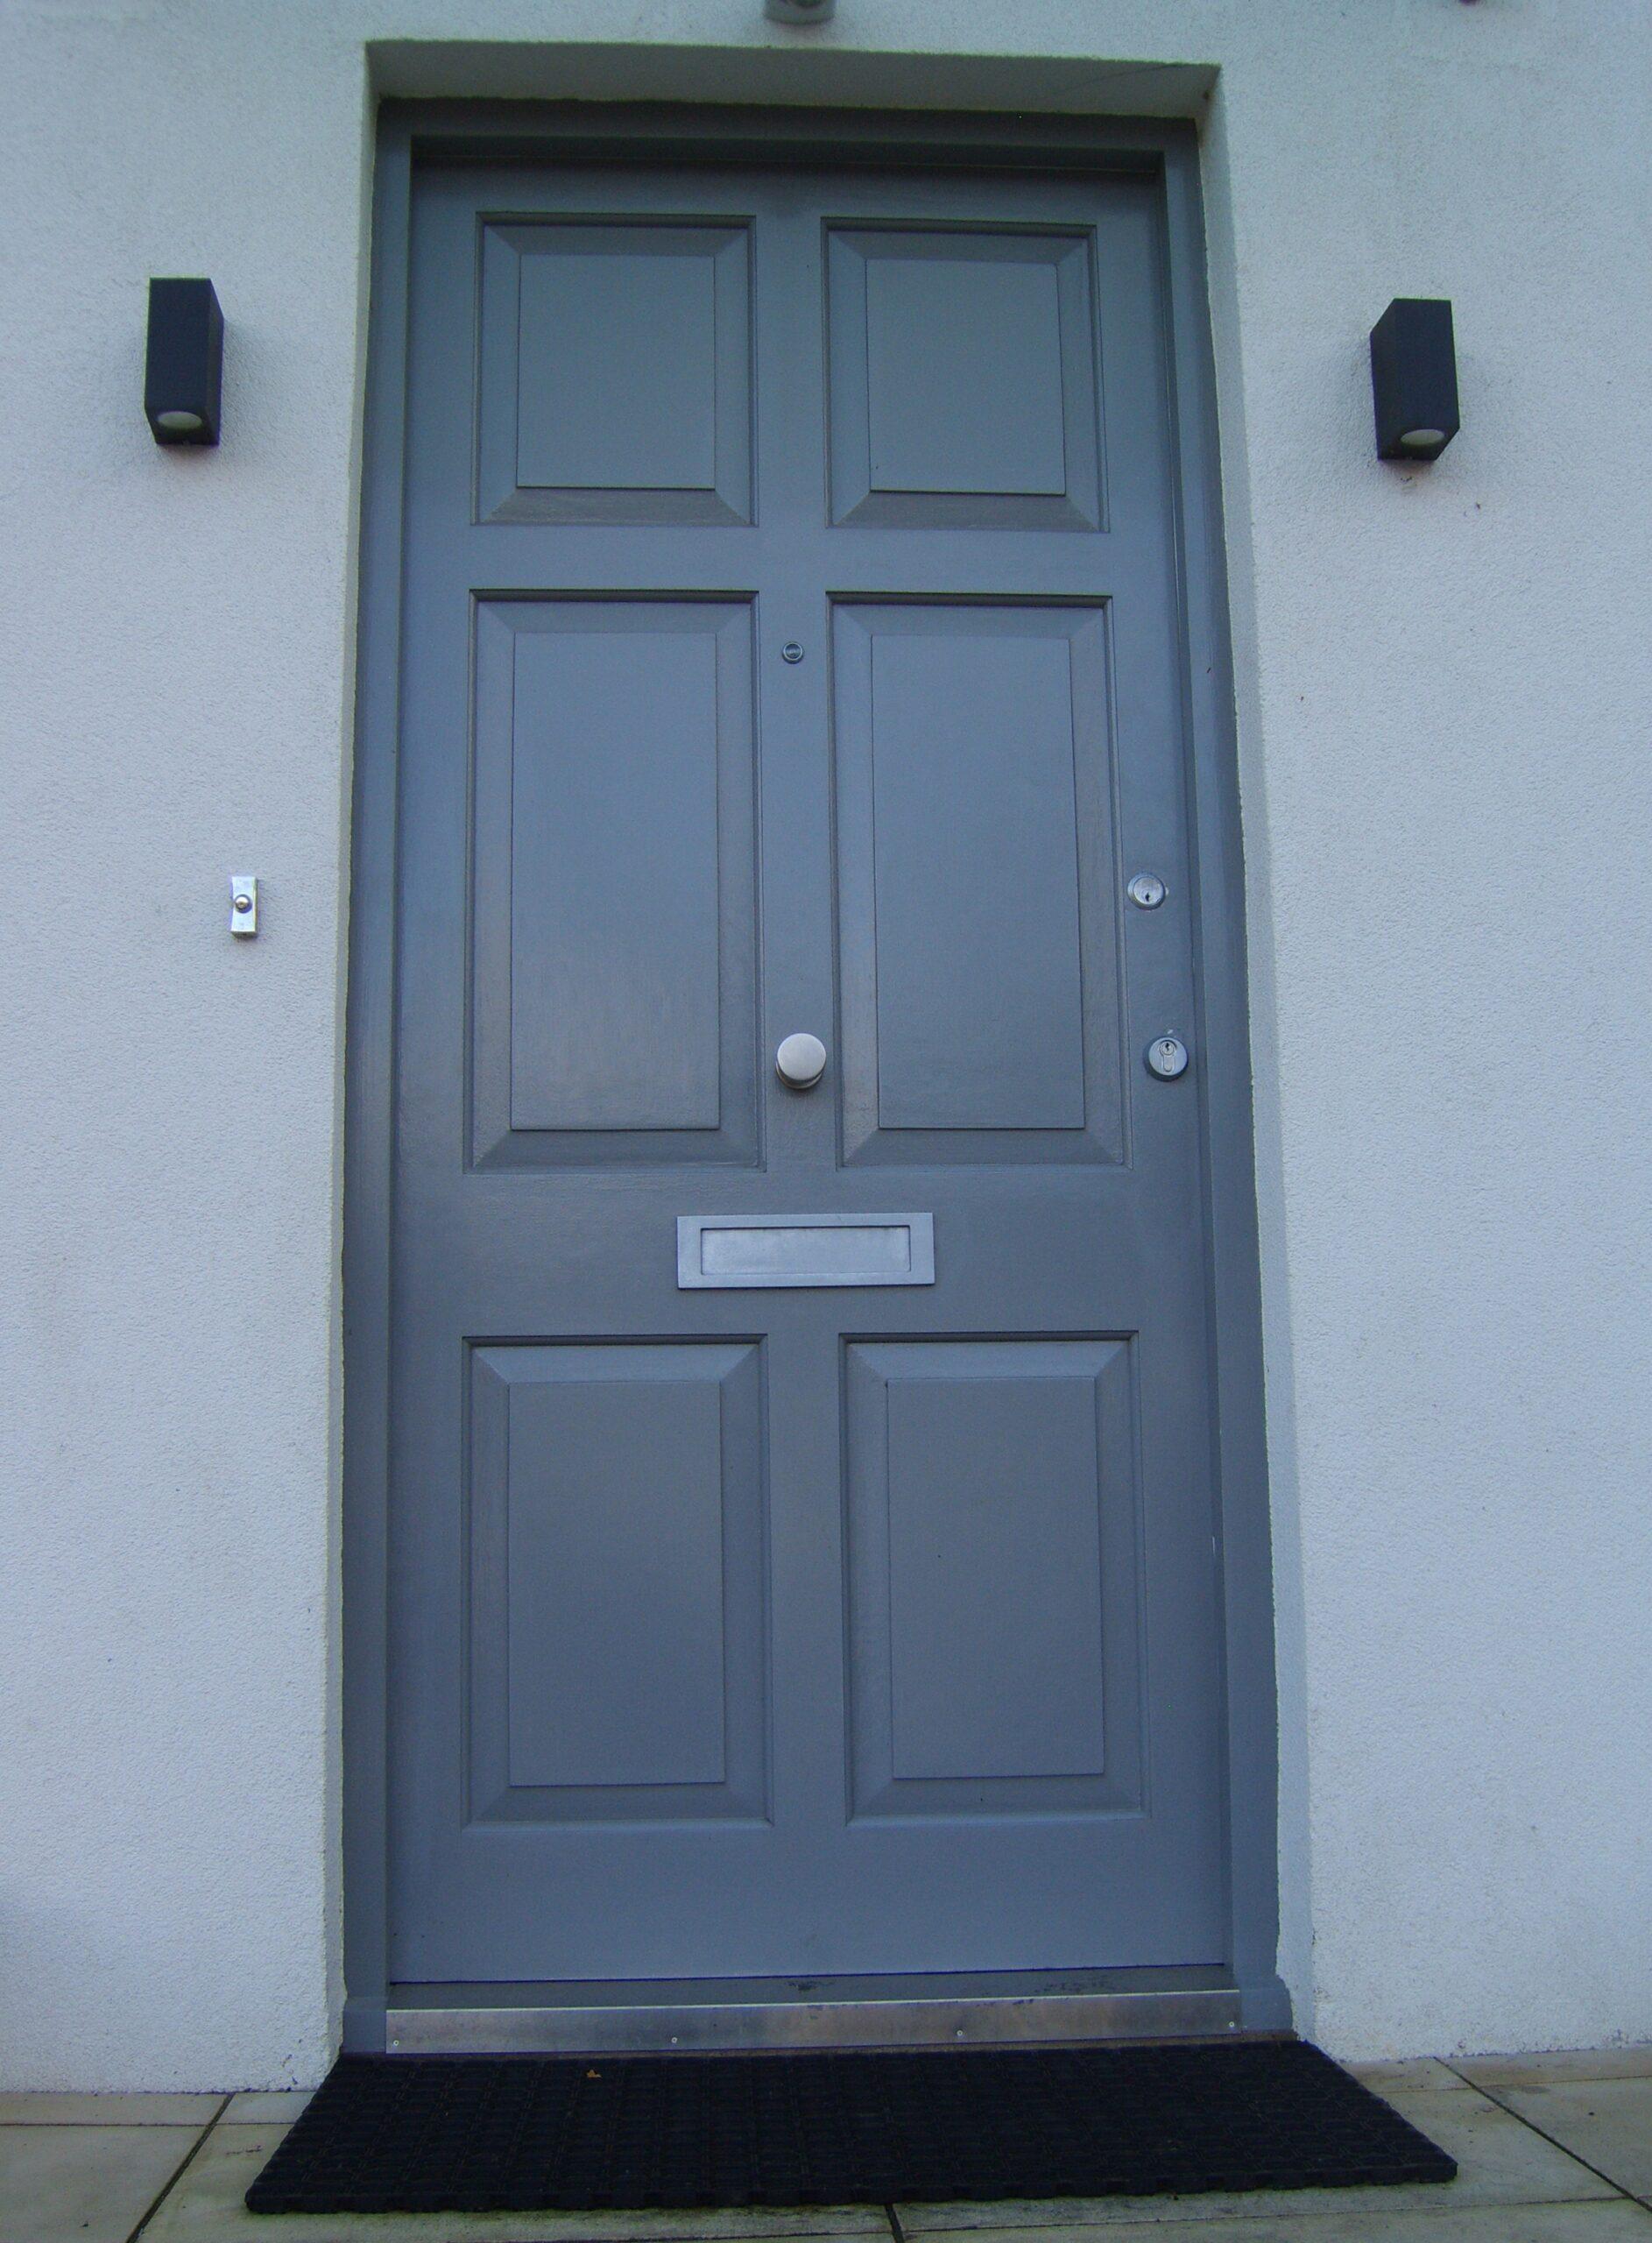 Wooden door with locks